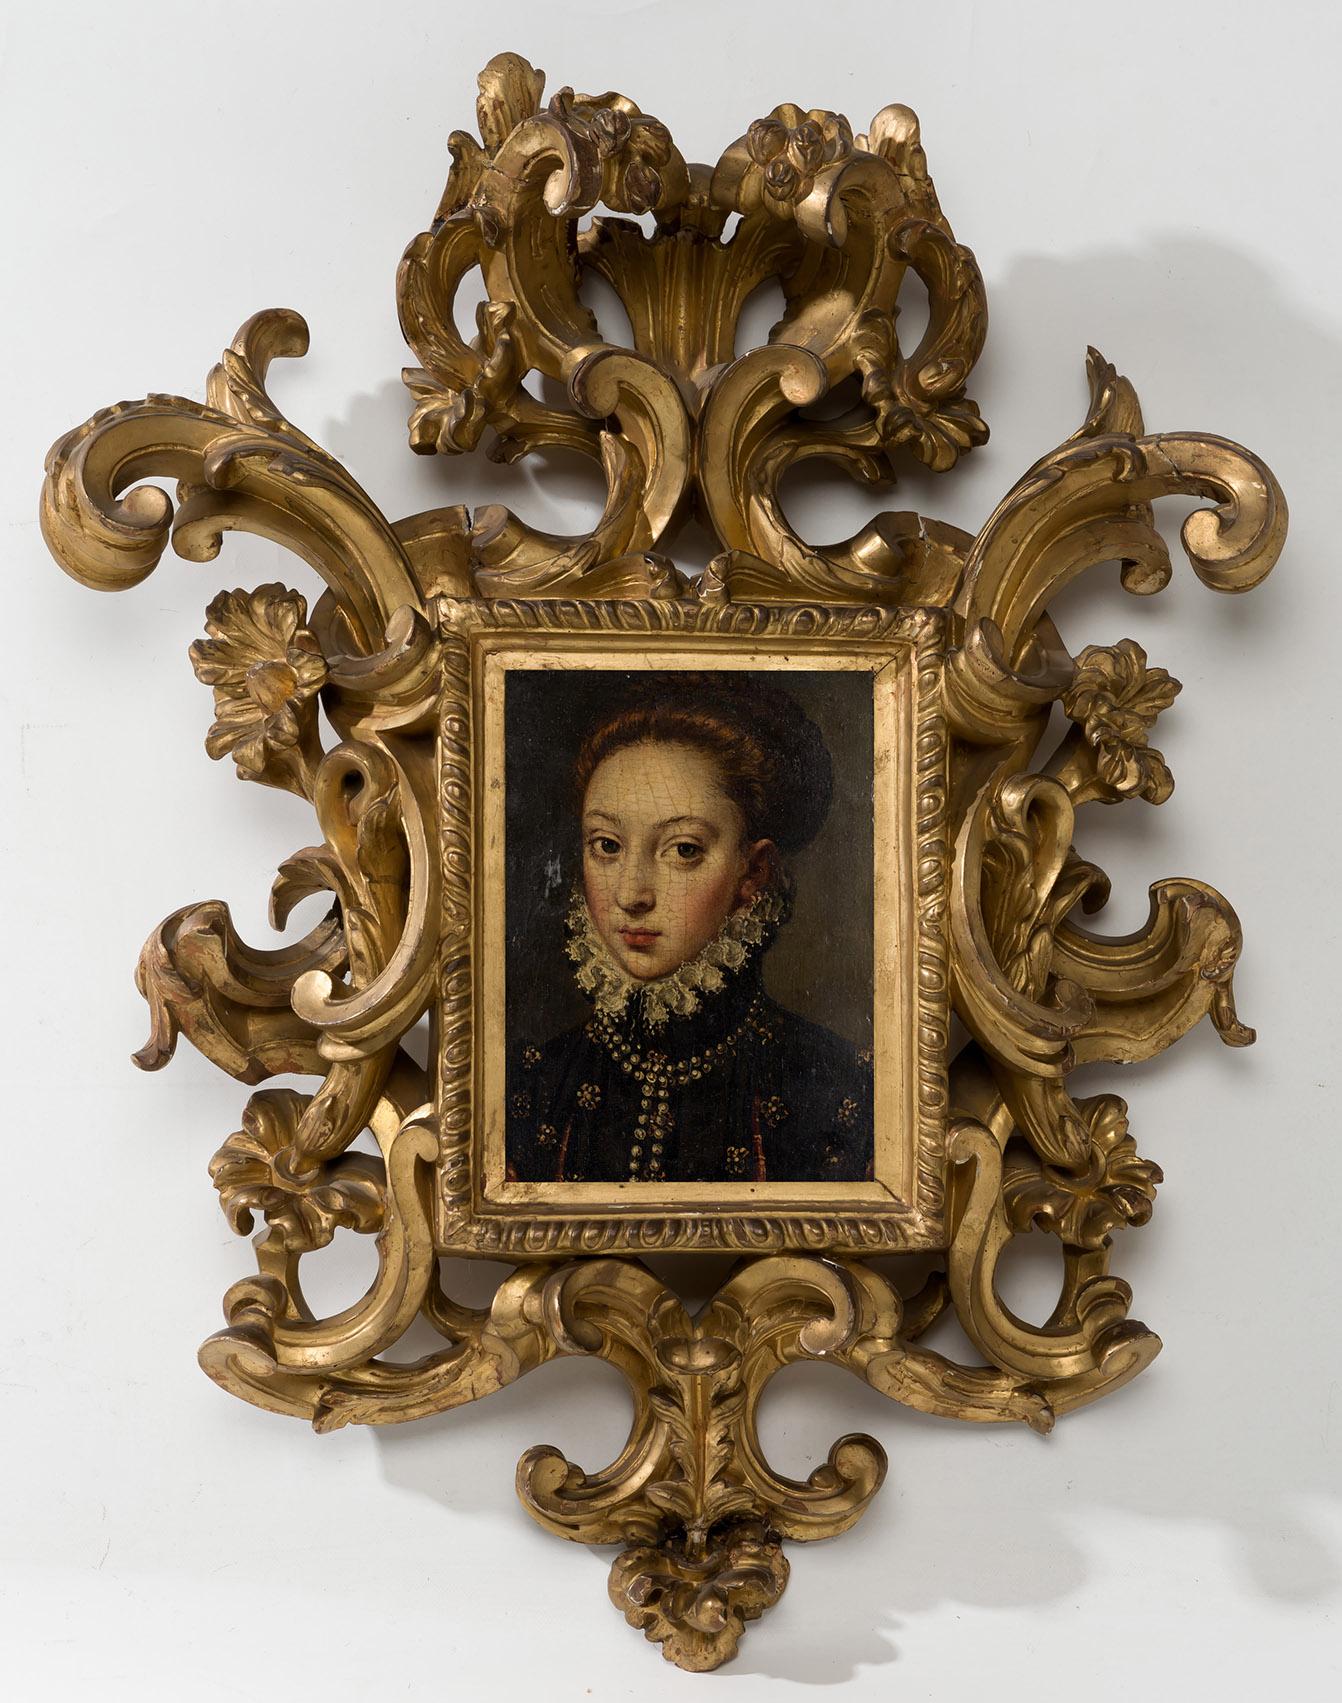 Alonso Sánchez Coello. Retrato de dama. Salida: 6.000 euros. Remate: 75.000 euros